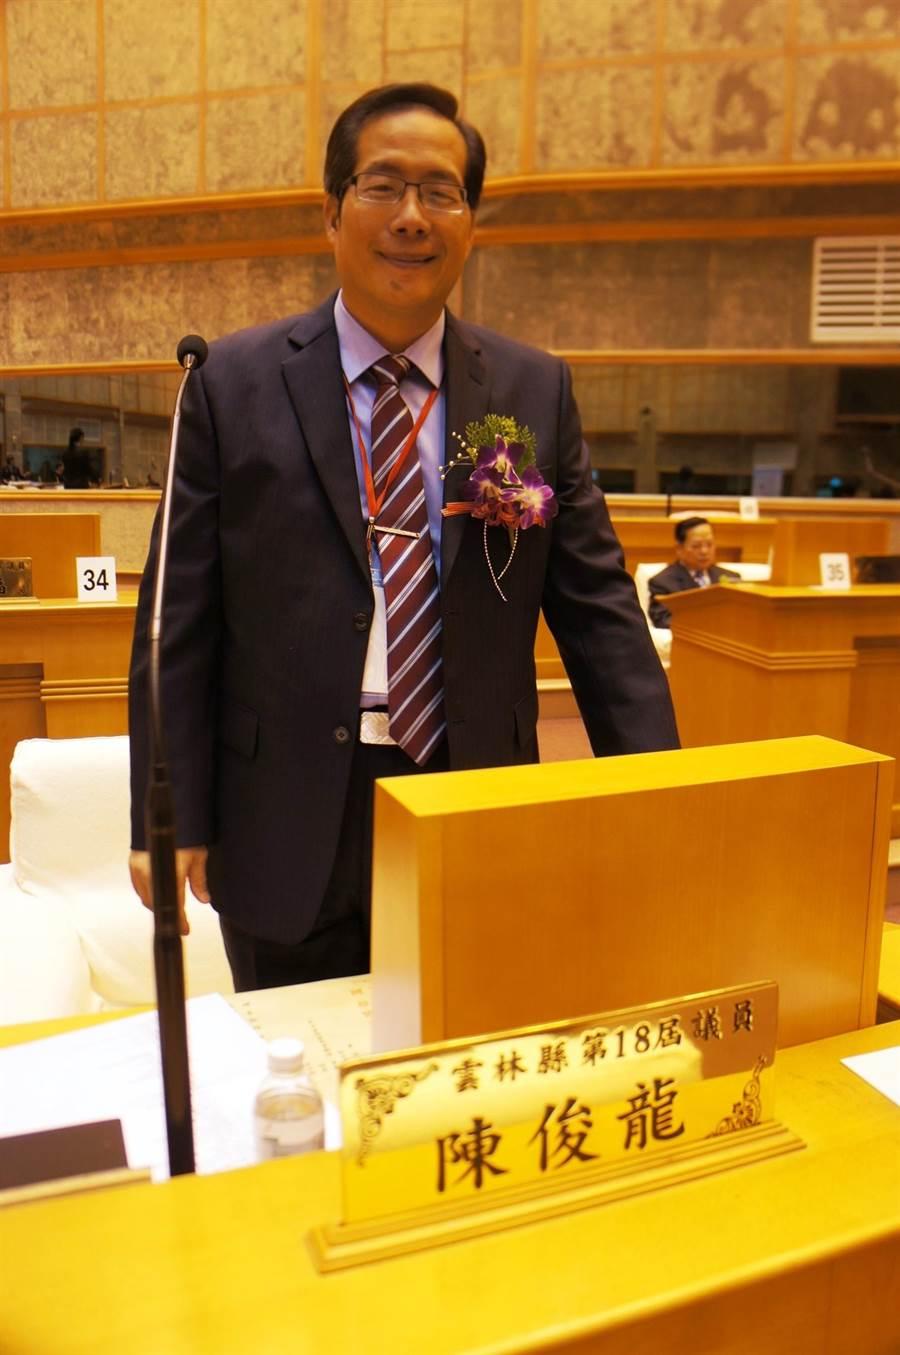 縣議員陳俊龍也暖身參選海縣議員。(資料照片/周麗蘭攝)